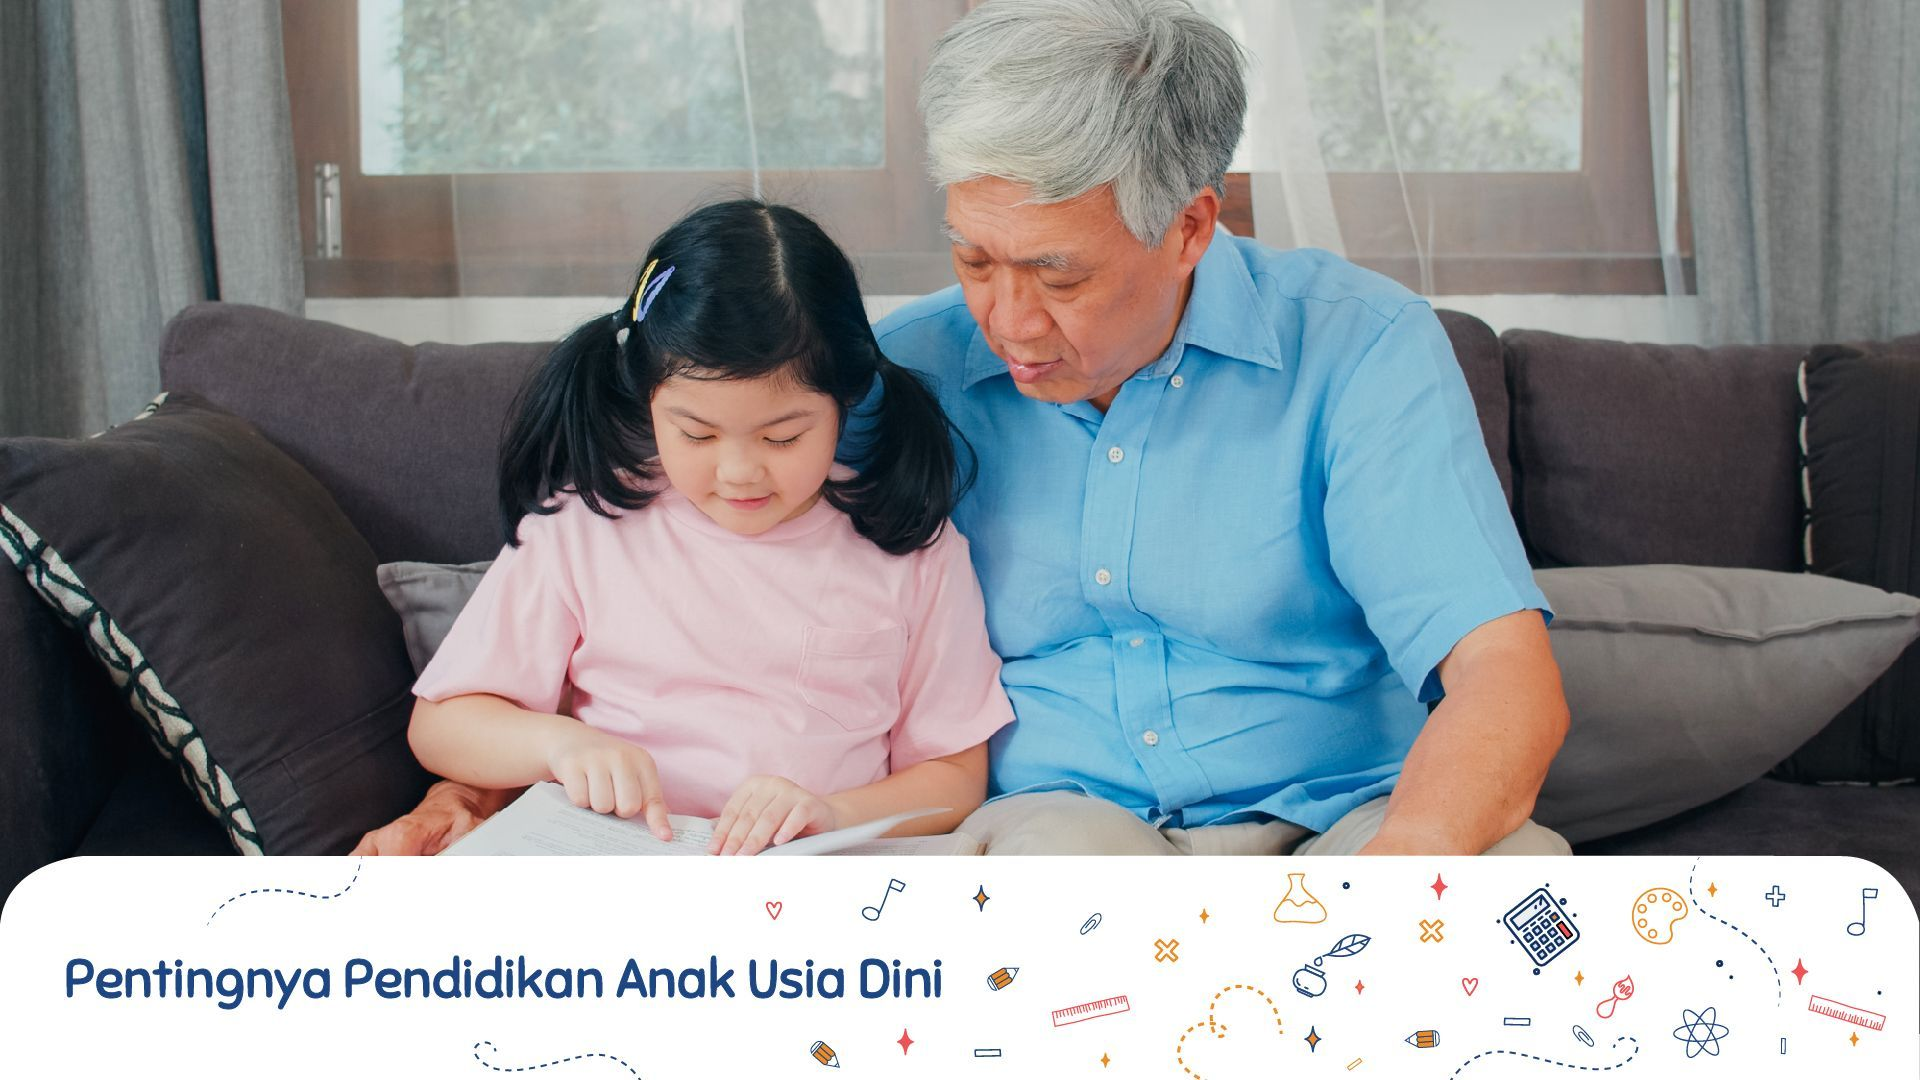 Pentingnya Pendidikan Anak Usia Dini Pendidikan Anak Usia Dini Pendidikan Anak